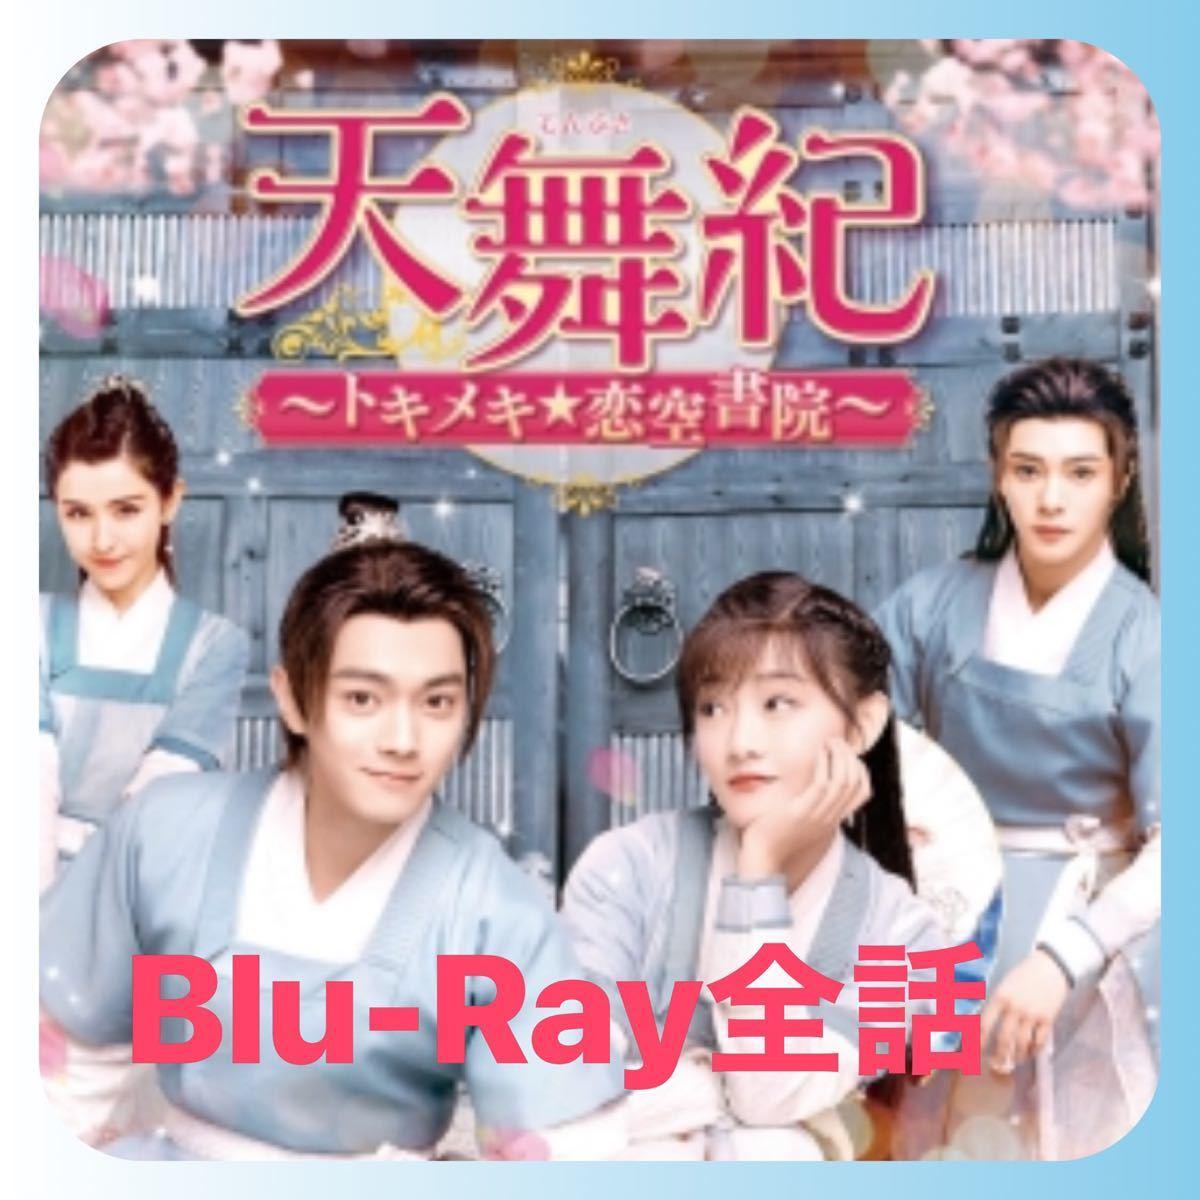 中国ドラマ 天舞紀  -トキメキ☆恋空書院~ Blu-Ray全話